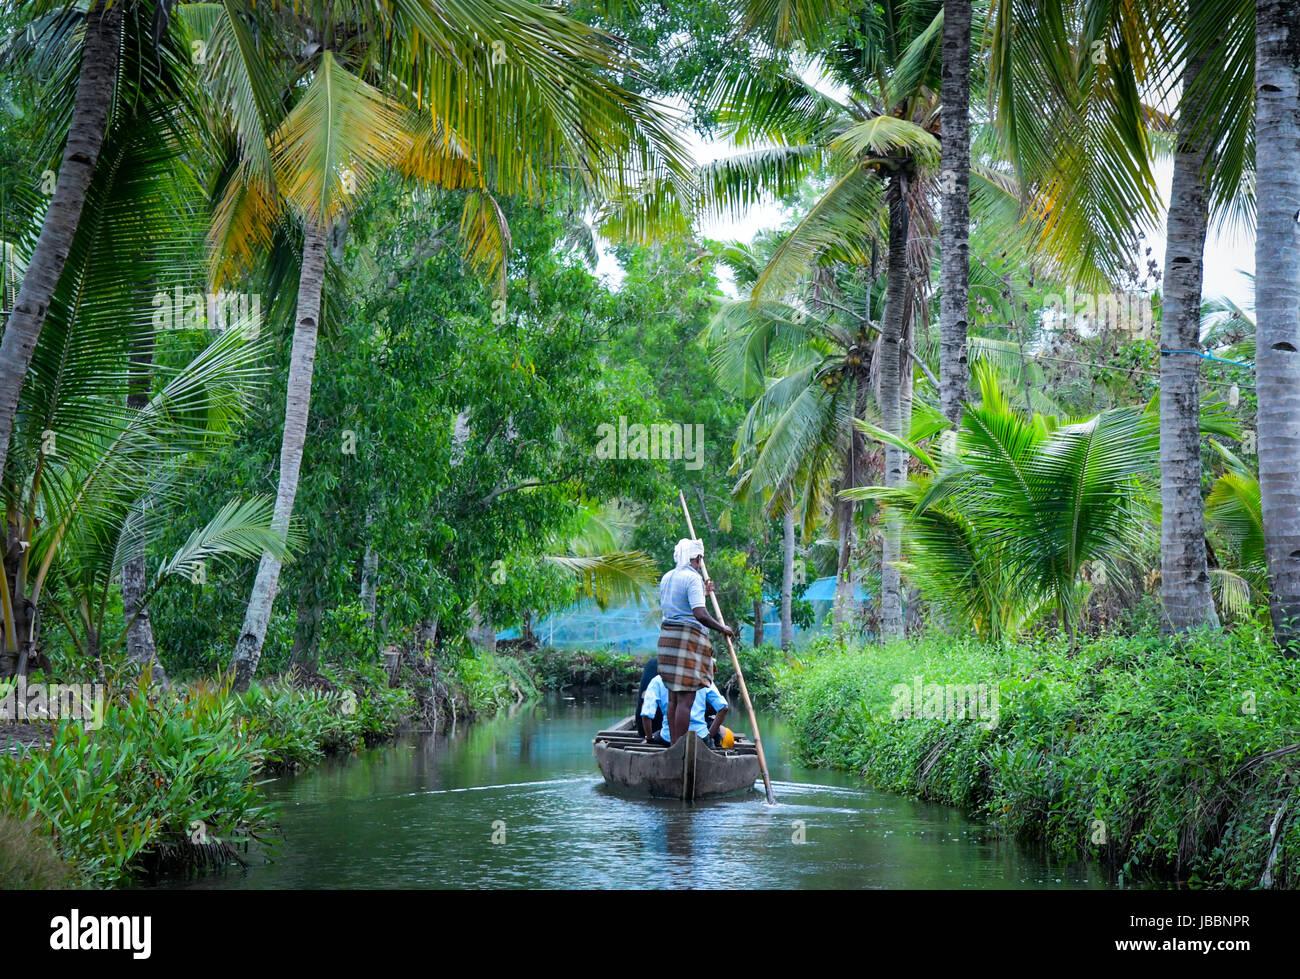 Kerala And Backwaters Landscape Stock Photo Alamy